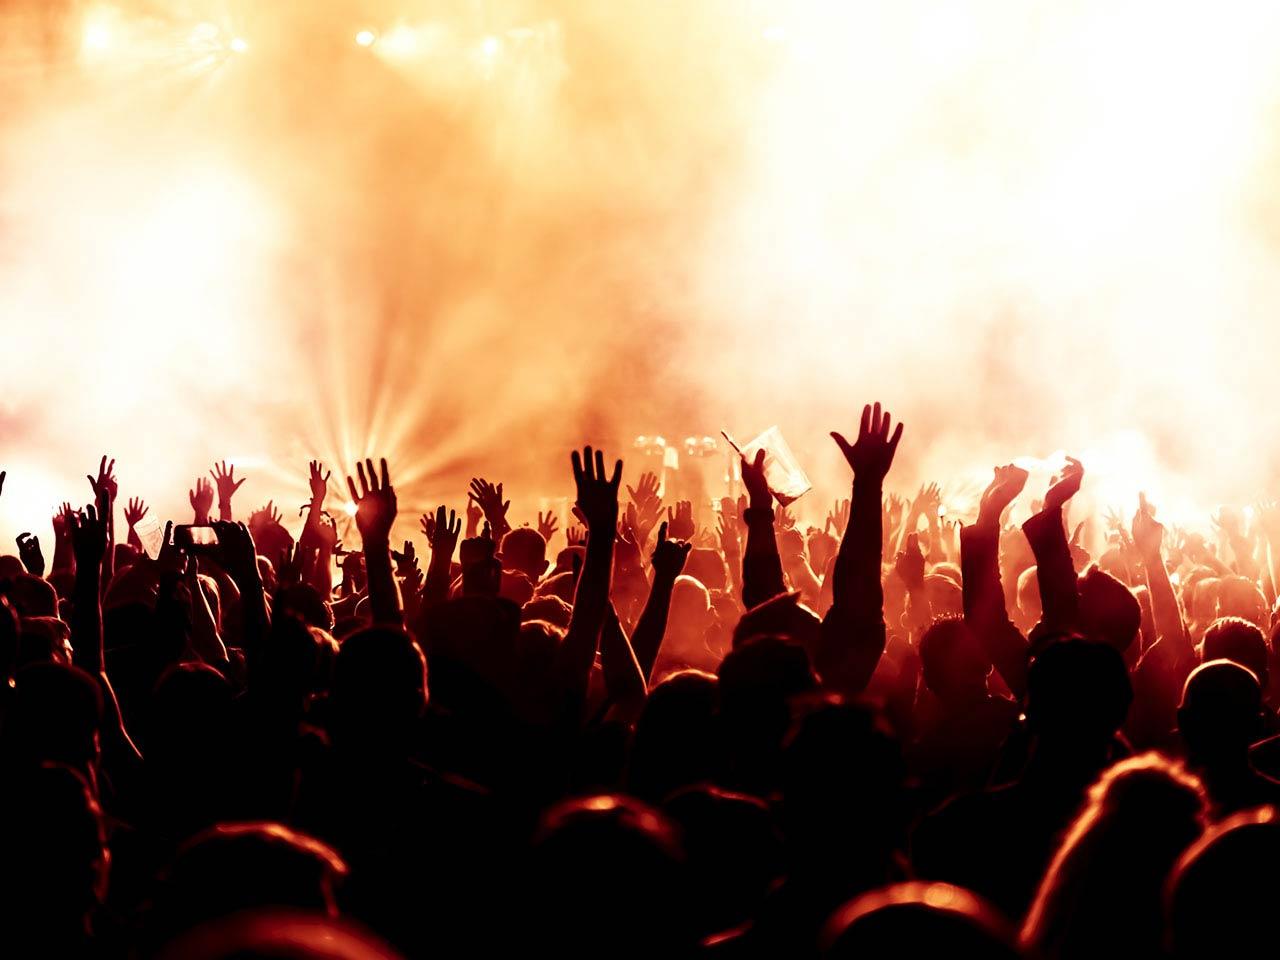 LISTA: 10 shows online para assistir na quarentena em casa!